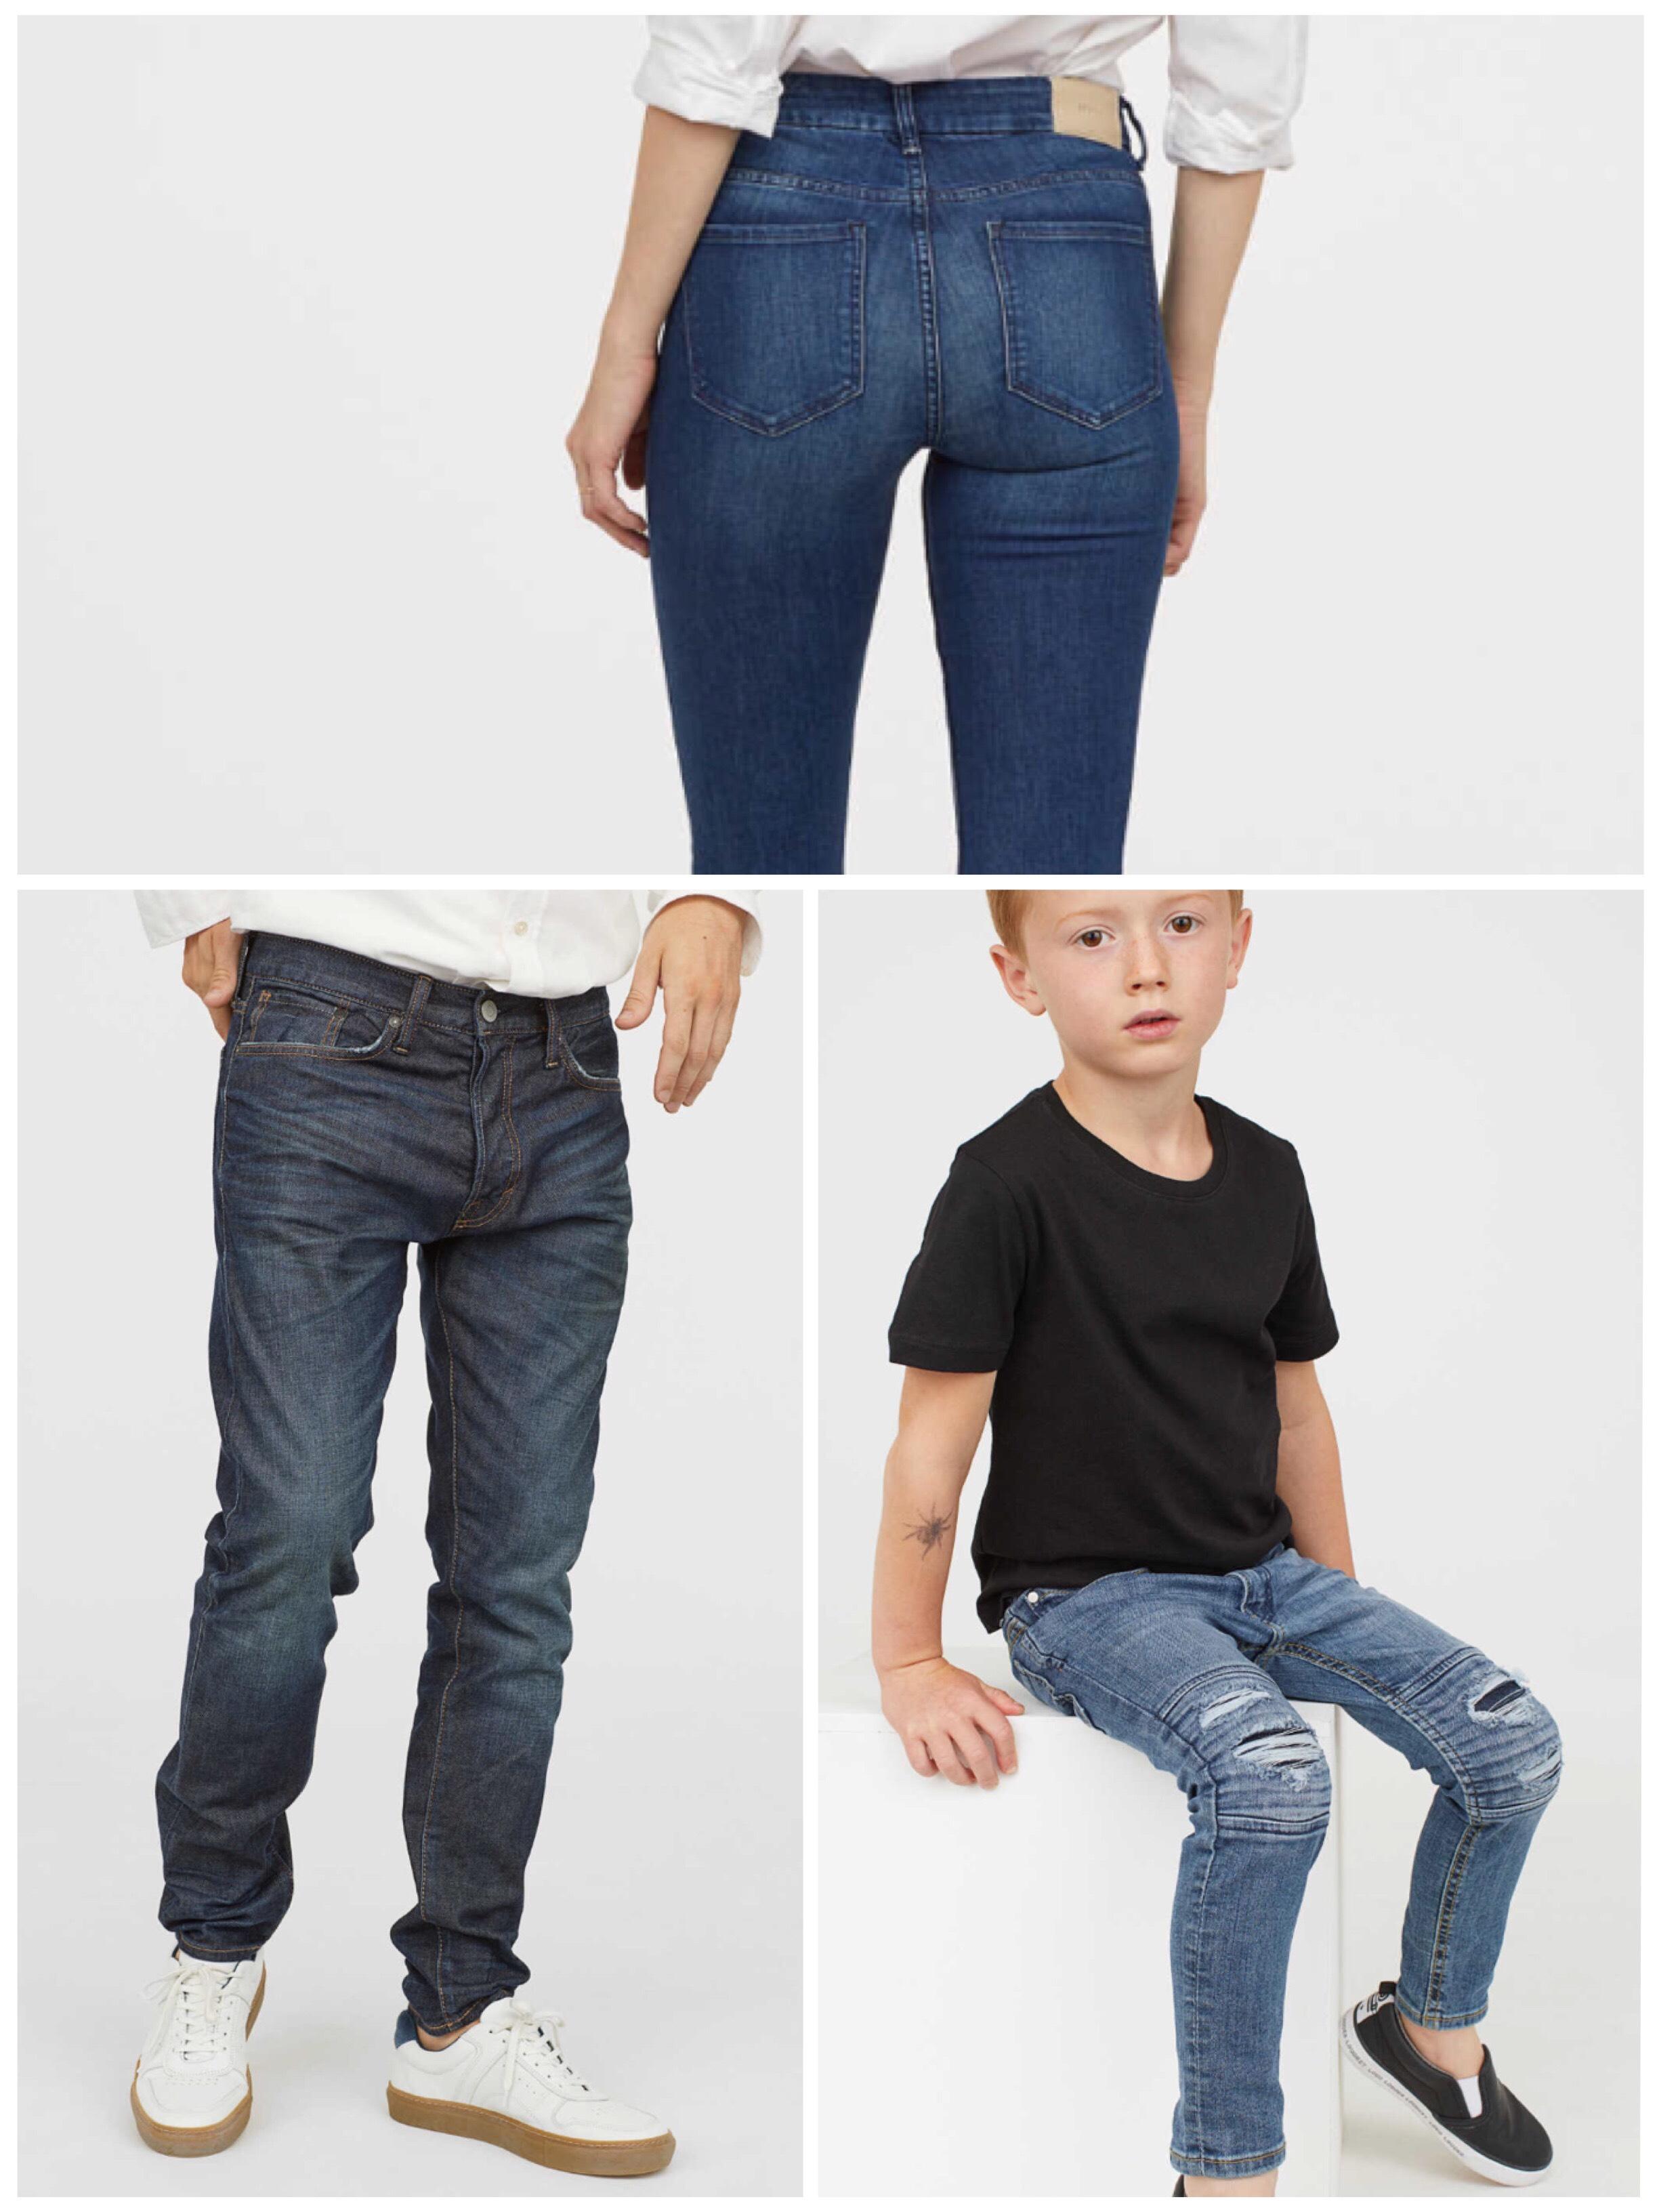 H&M 25% auf Jeans und kostenloser Versand